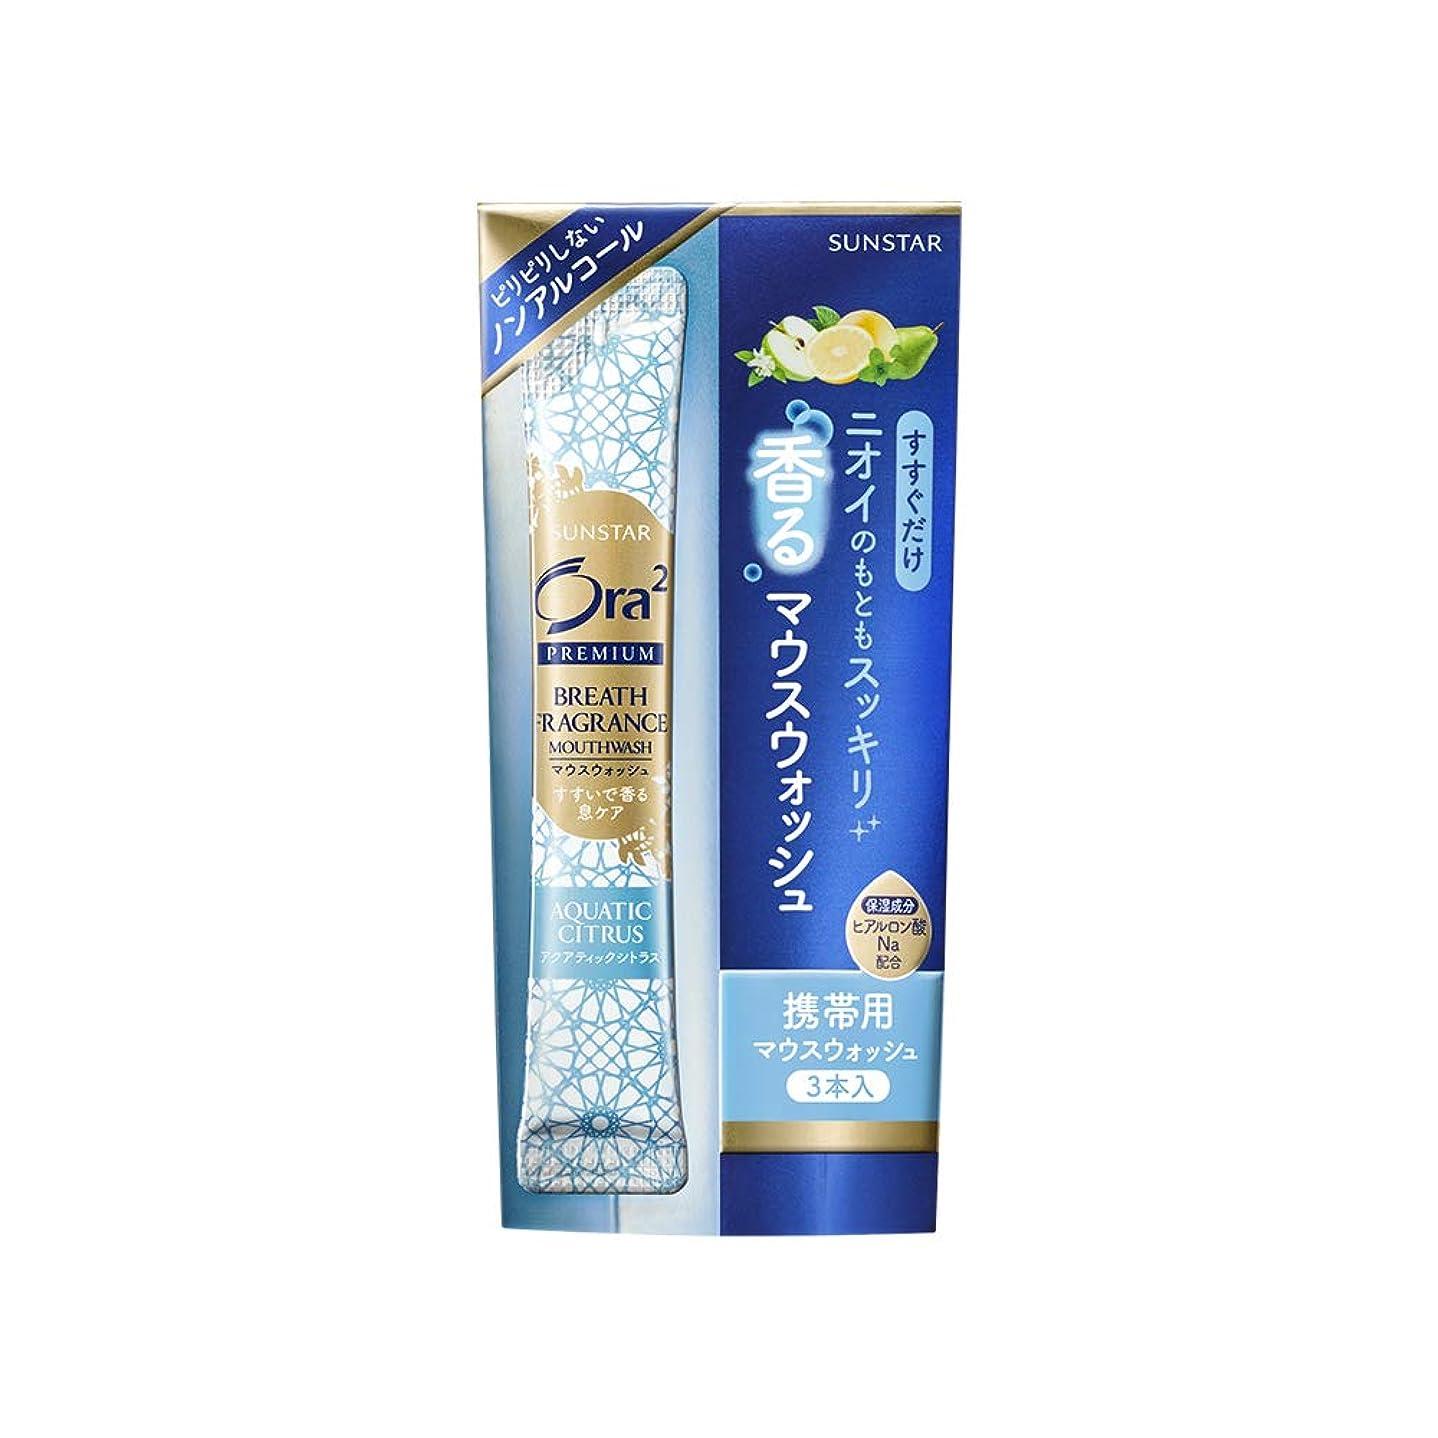 お風呂お酒安心Ora2(オーラツー) プレミアム マウスウォッシュ ブレスフレグランス 洗口液 [アクアティックシトラス] トラベル用